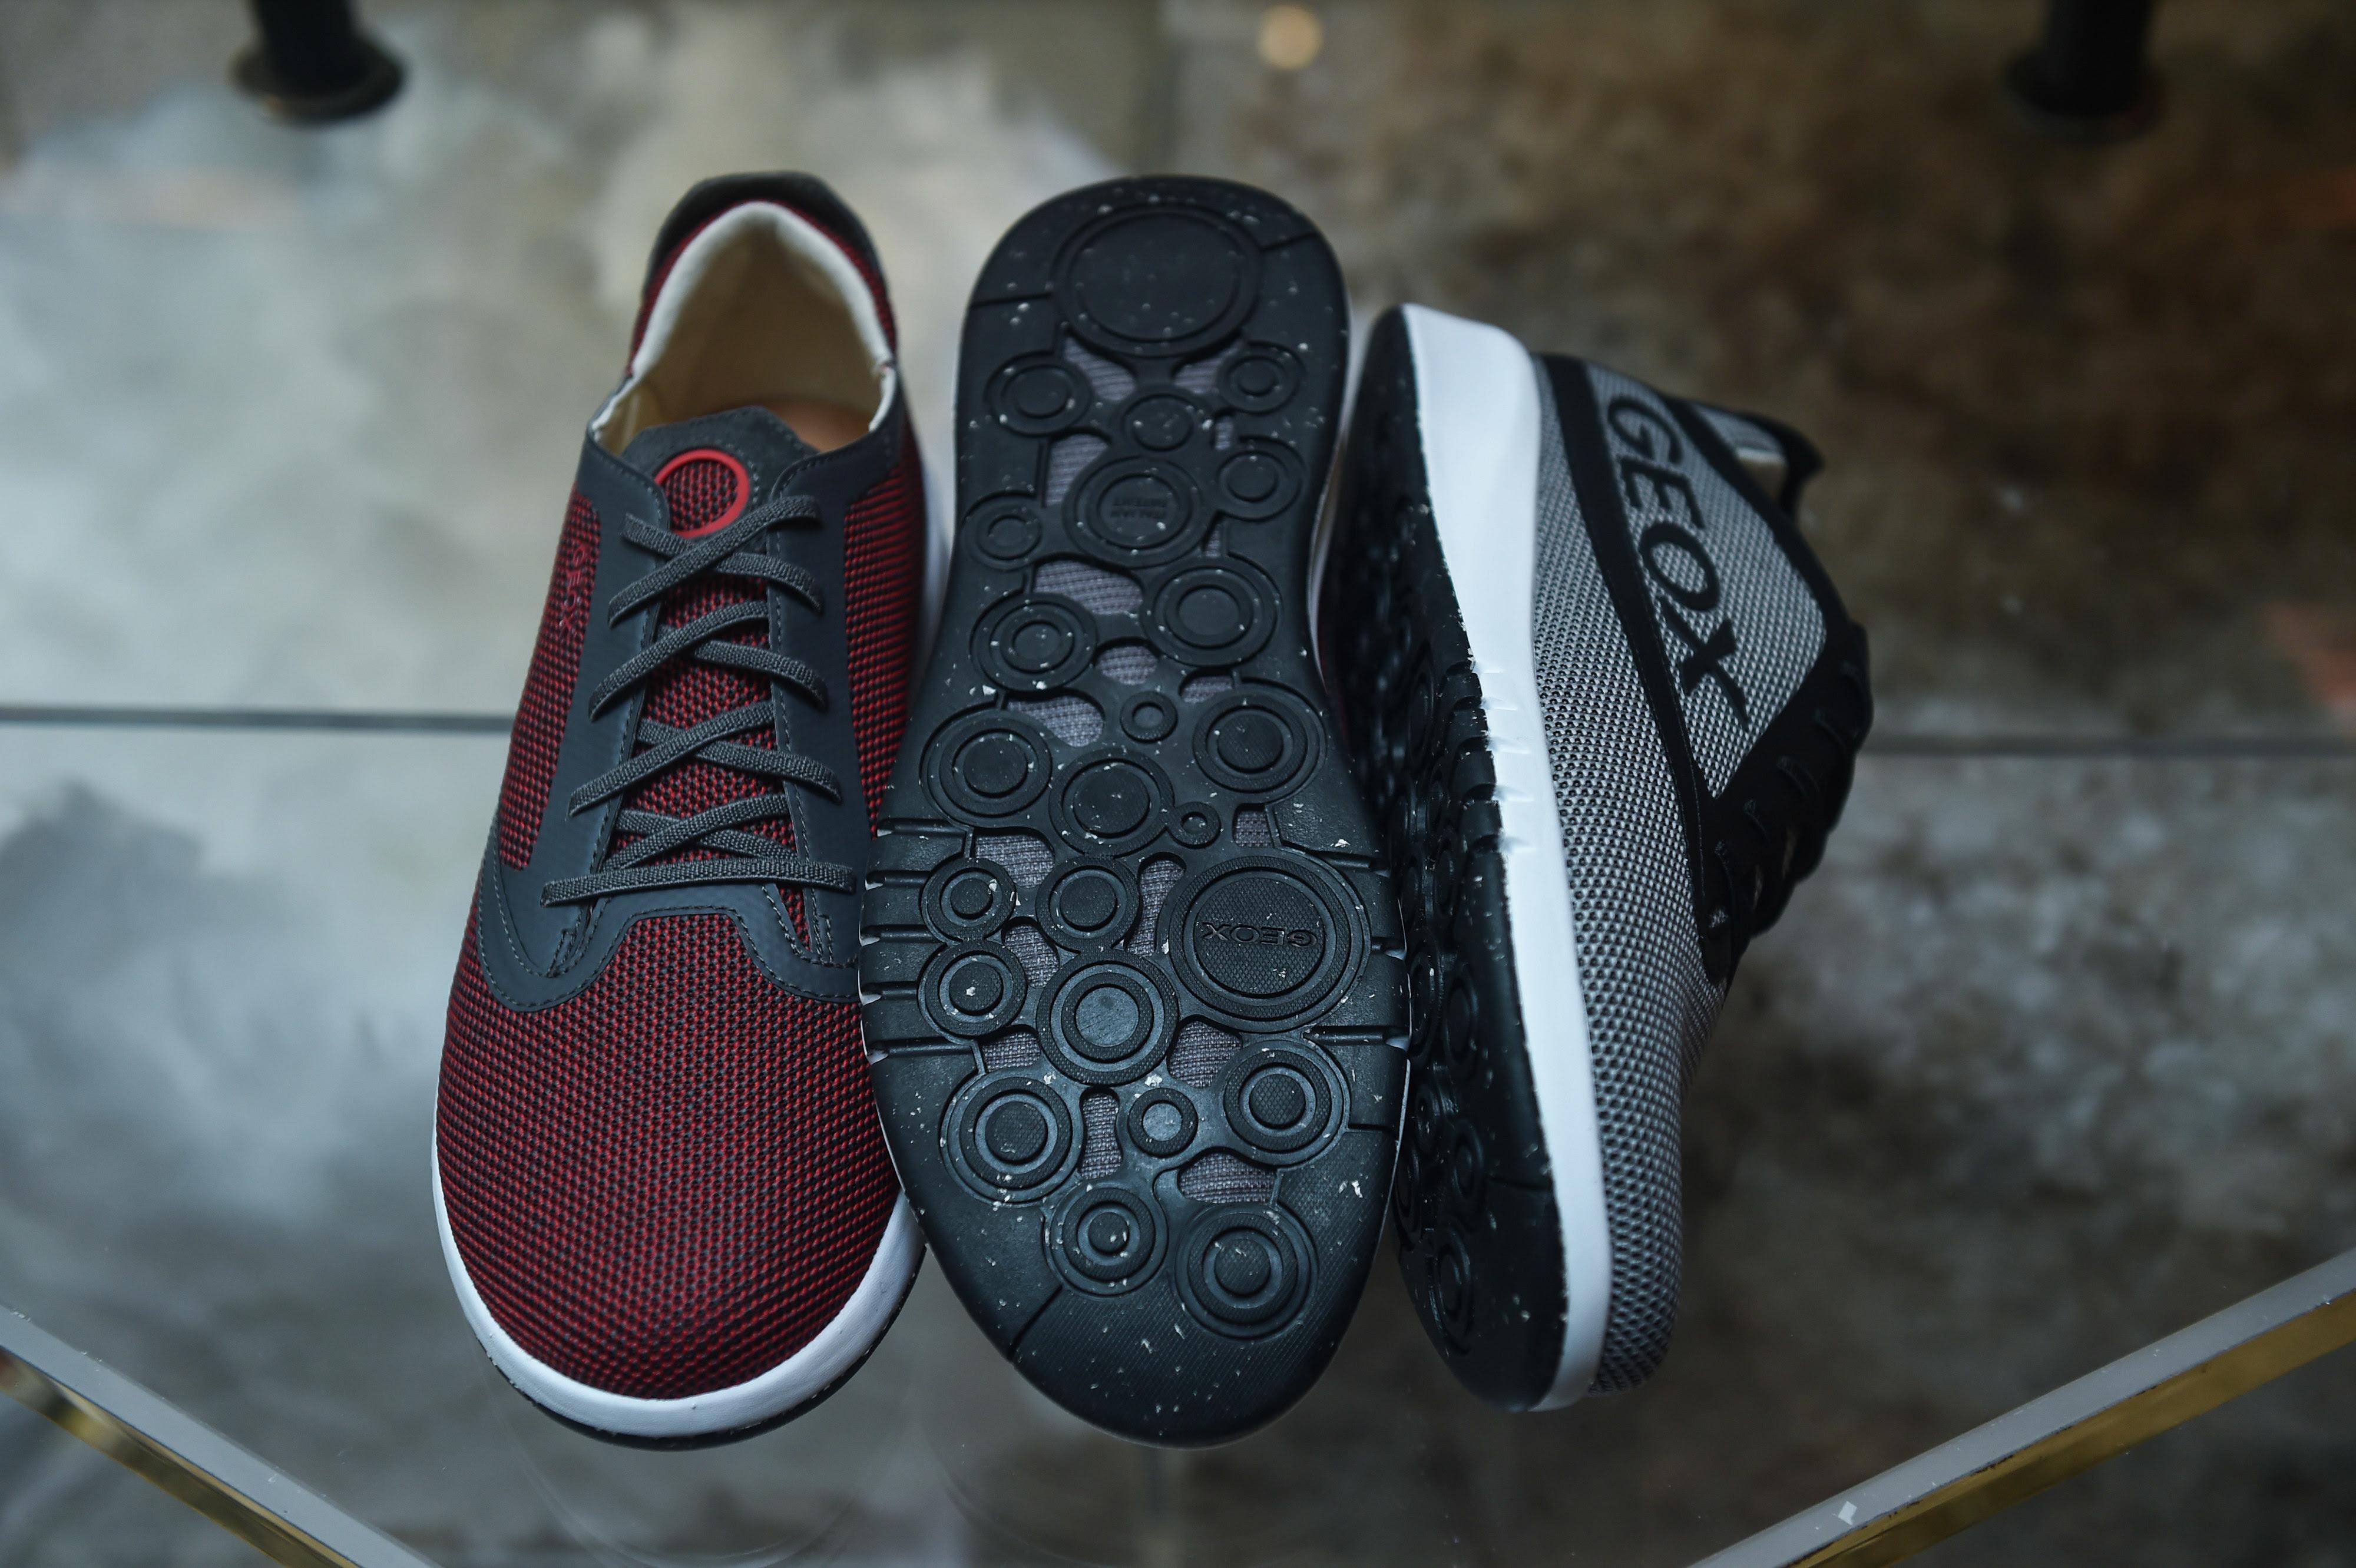 cec3bc8b 64c9 4331 8930 357748340a35 - Geox presenta su colección para hombre Otoño/Invierno 2020 de calzado y prendas exteriores